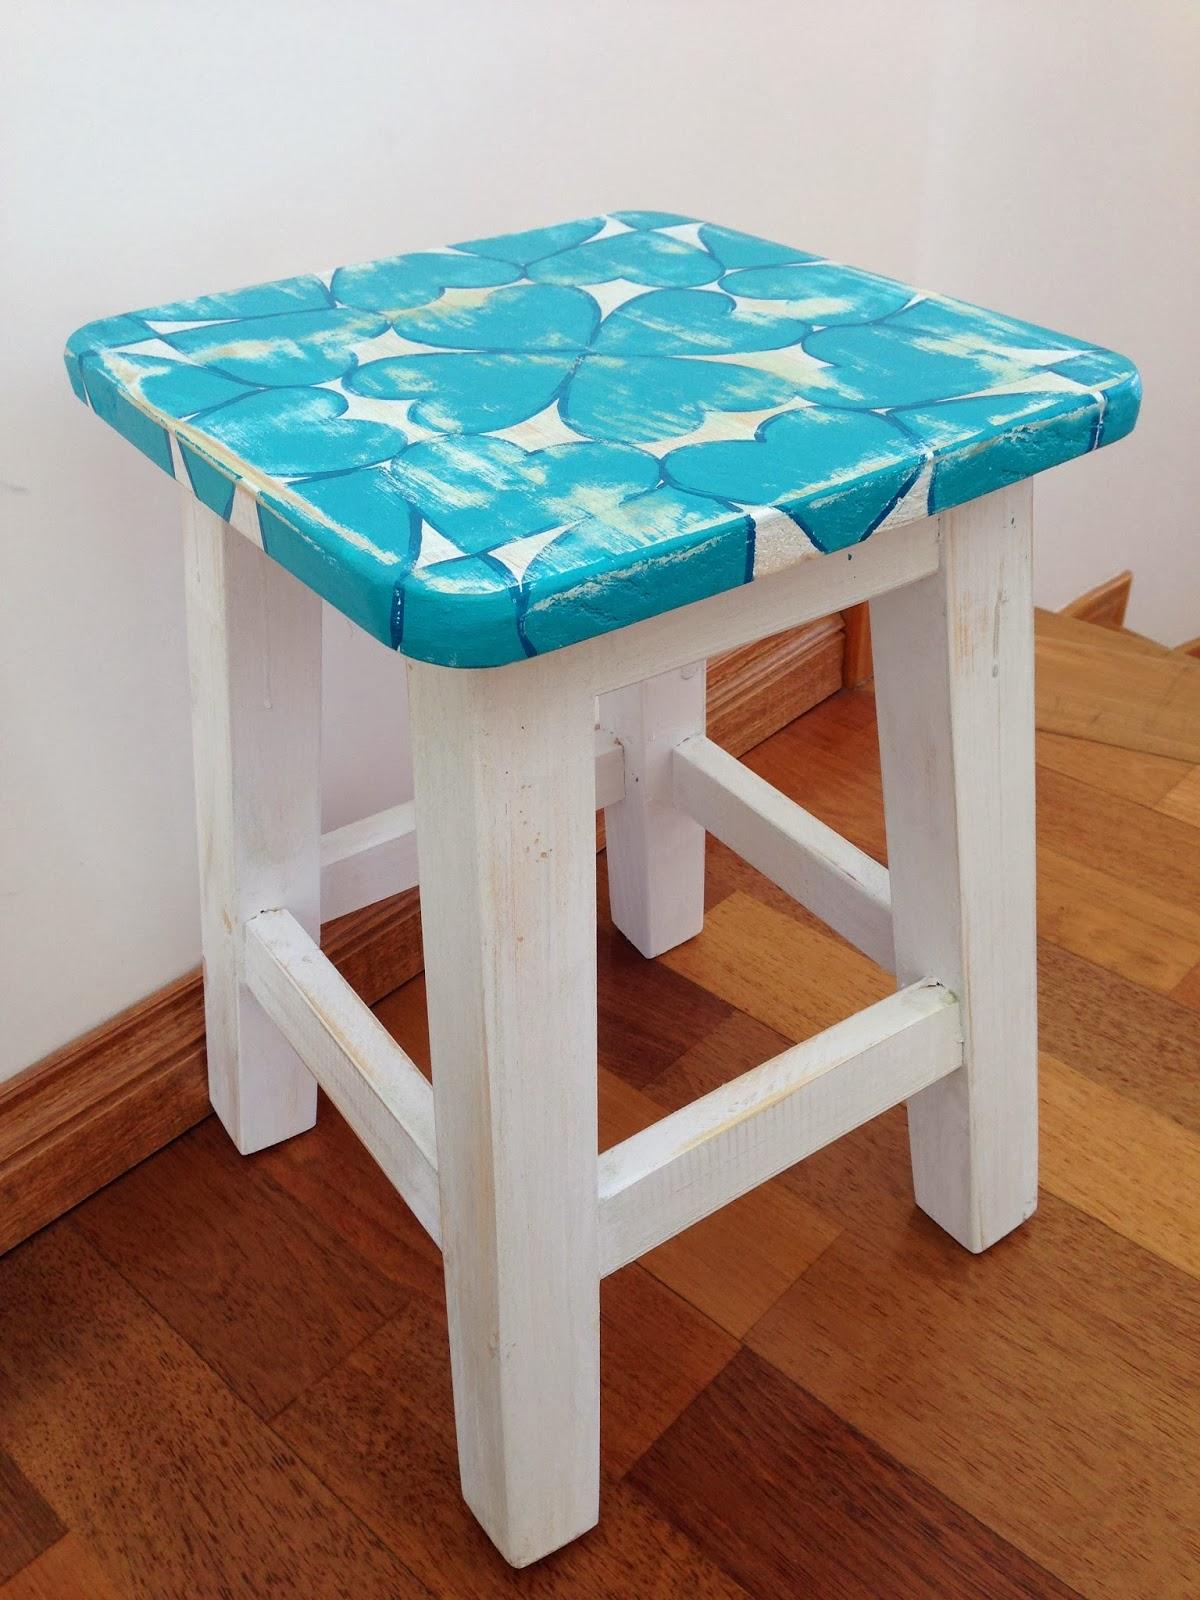 Vintouch muebles reciclados pintados a mano bancos - Muebles de madera pintados a mano ...